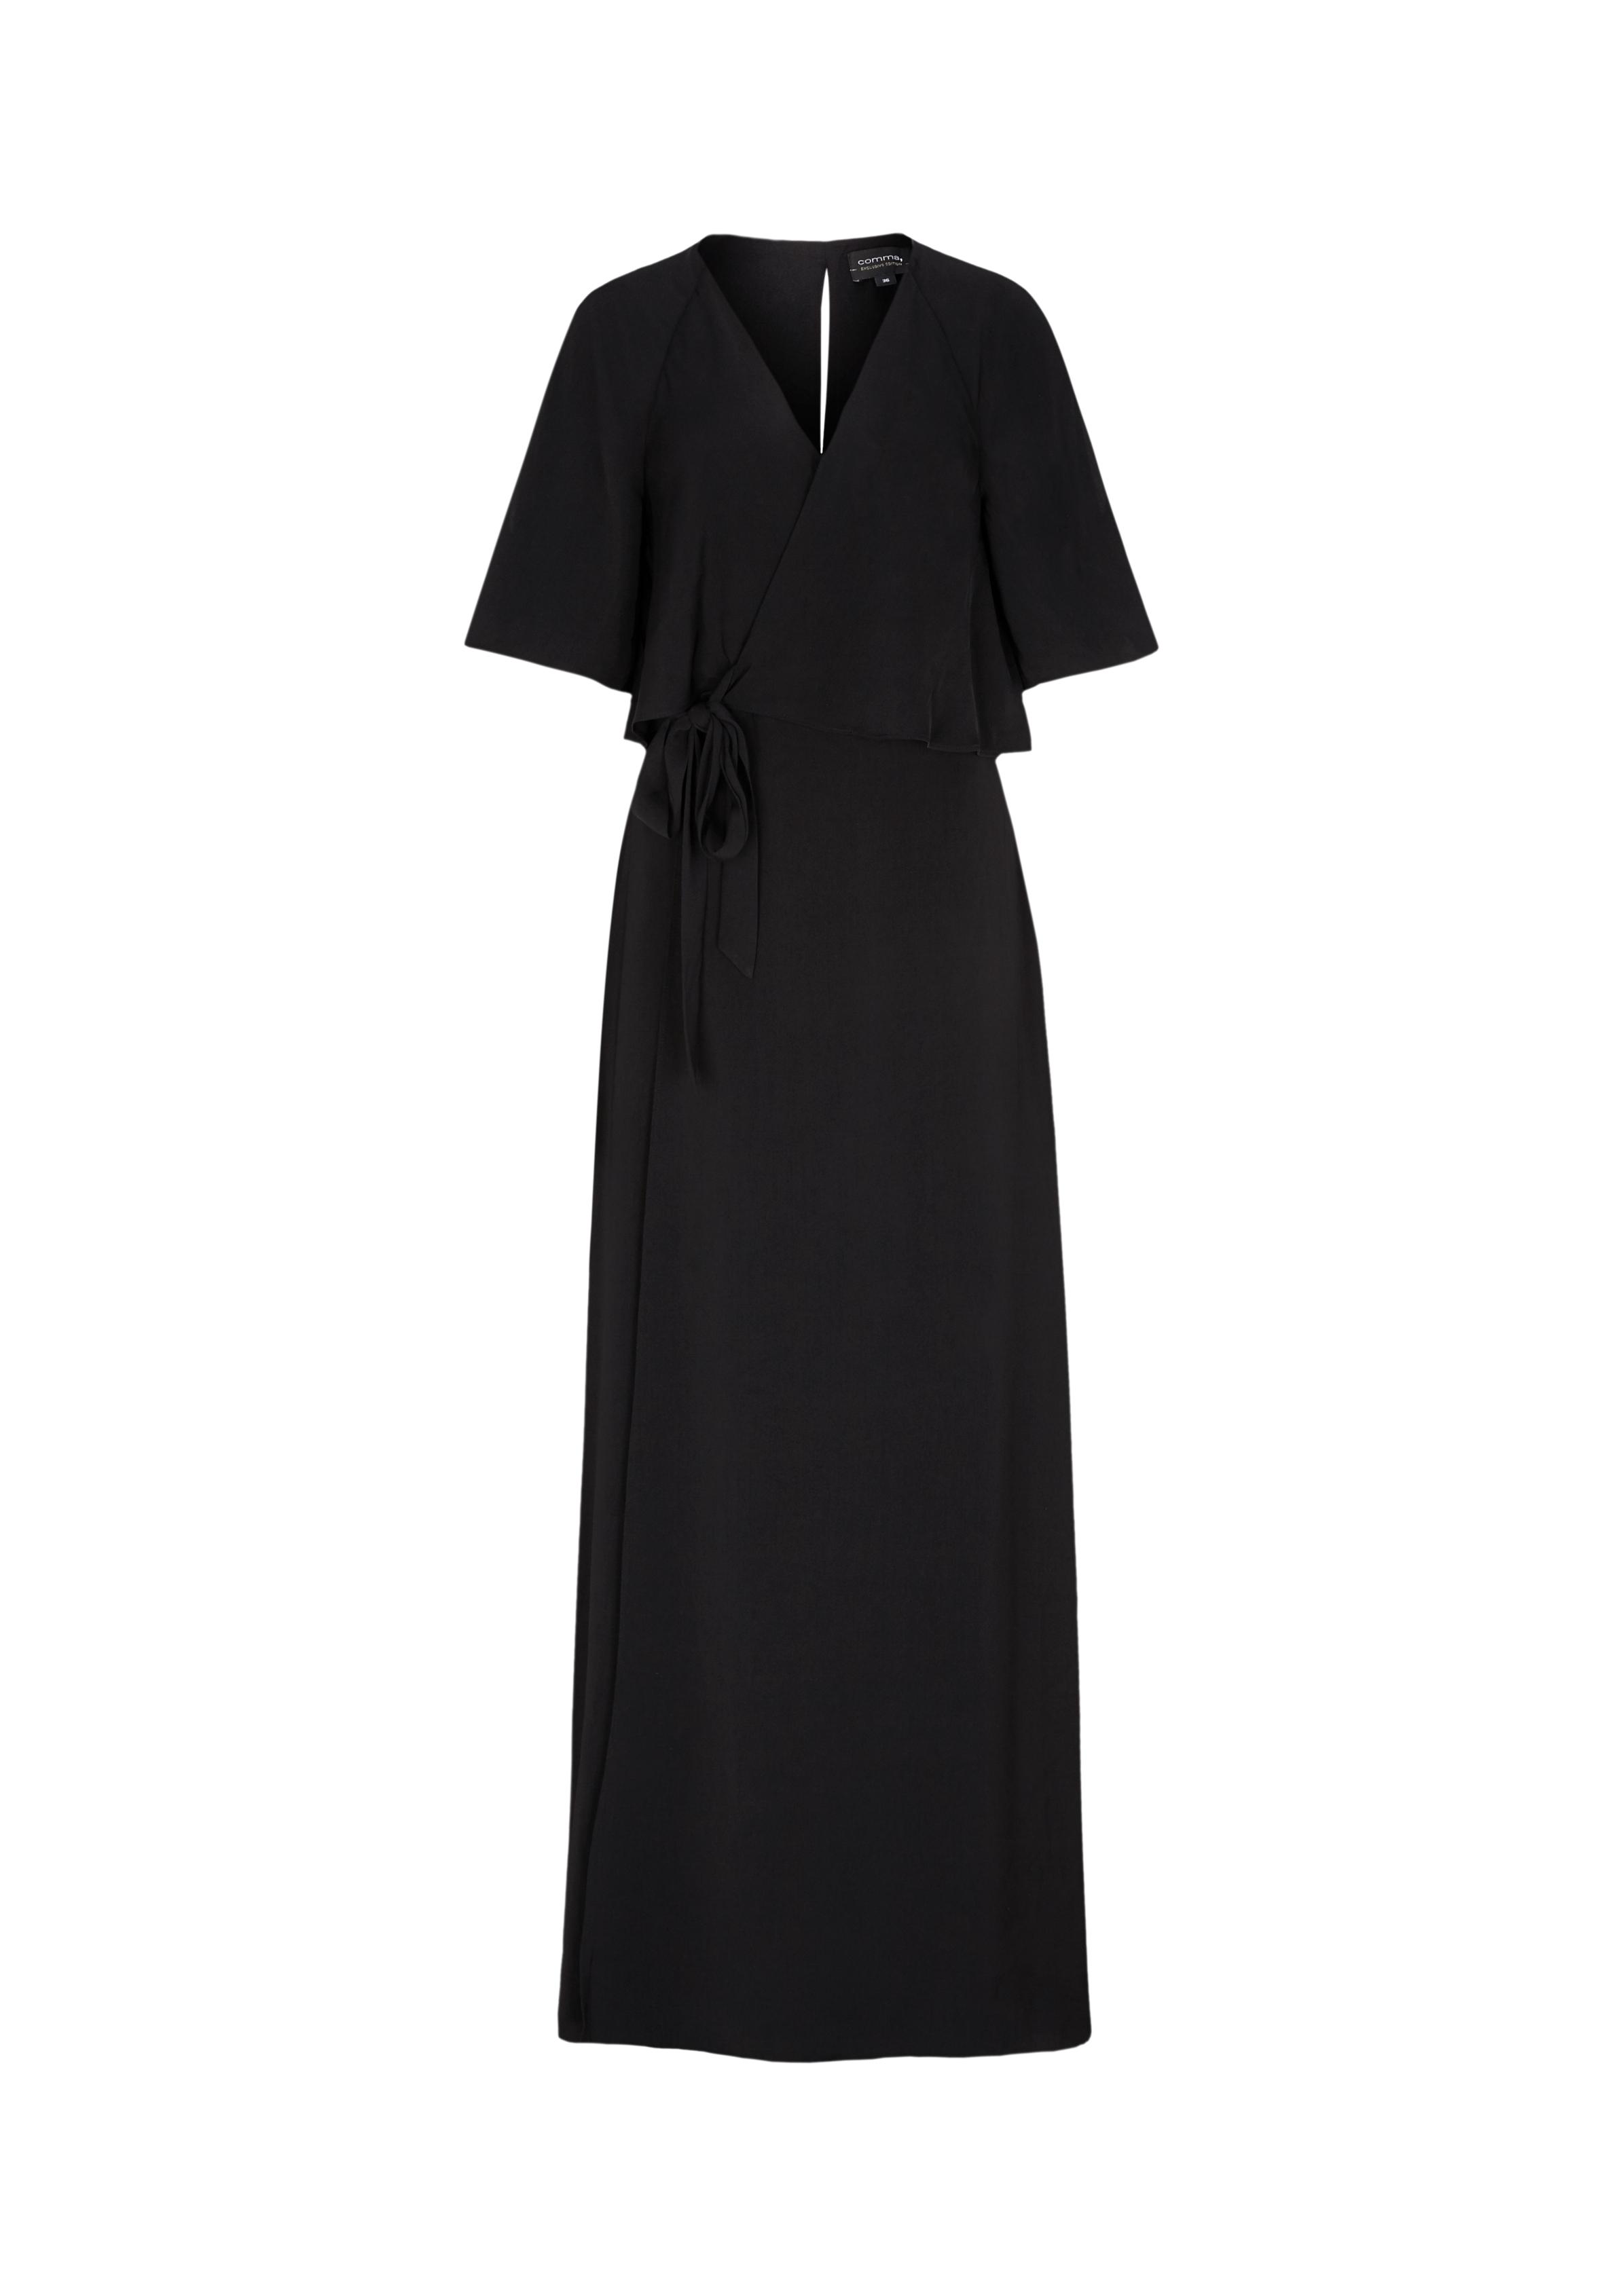 Abendkleid | Bekleidung > Kleider > Abendkleider | Grau/schwarz | Oberstoff: 100% polyester| futter: 100% polyester | comma